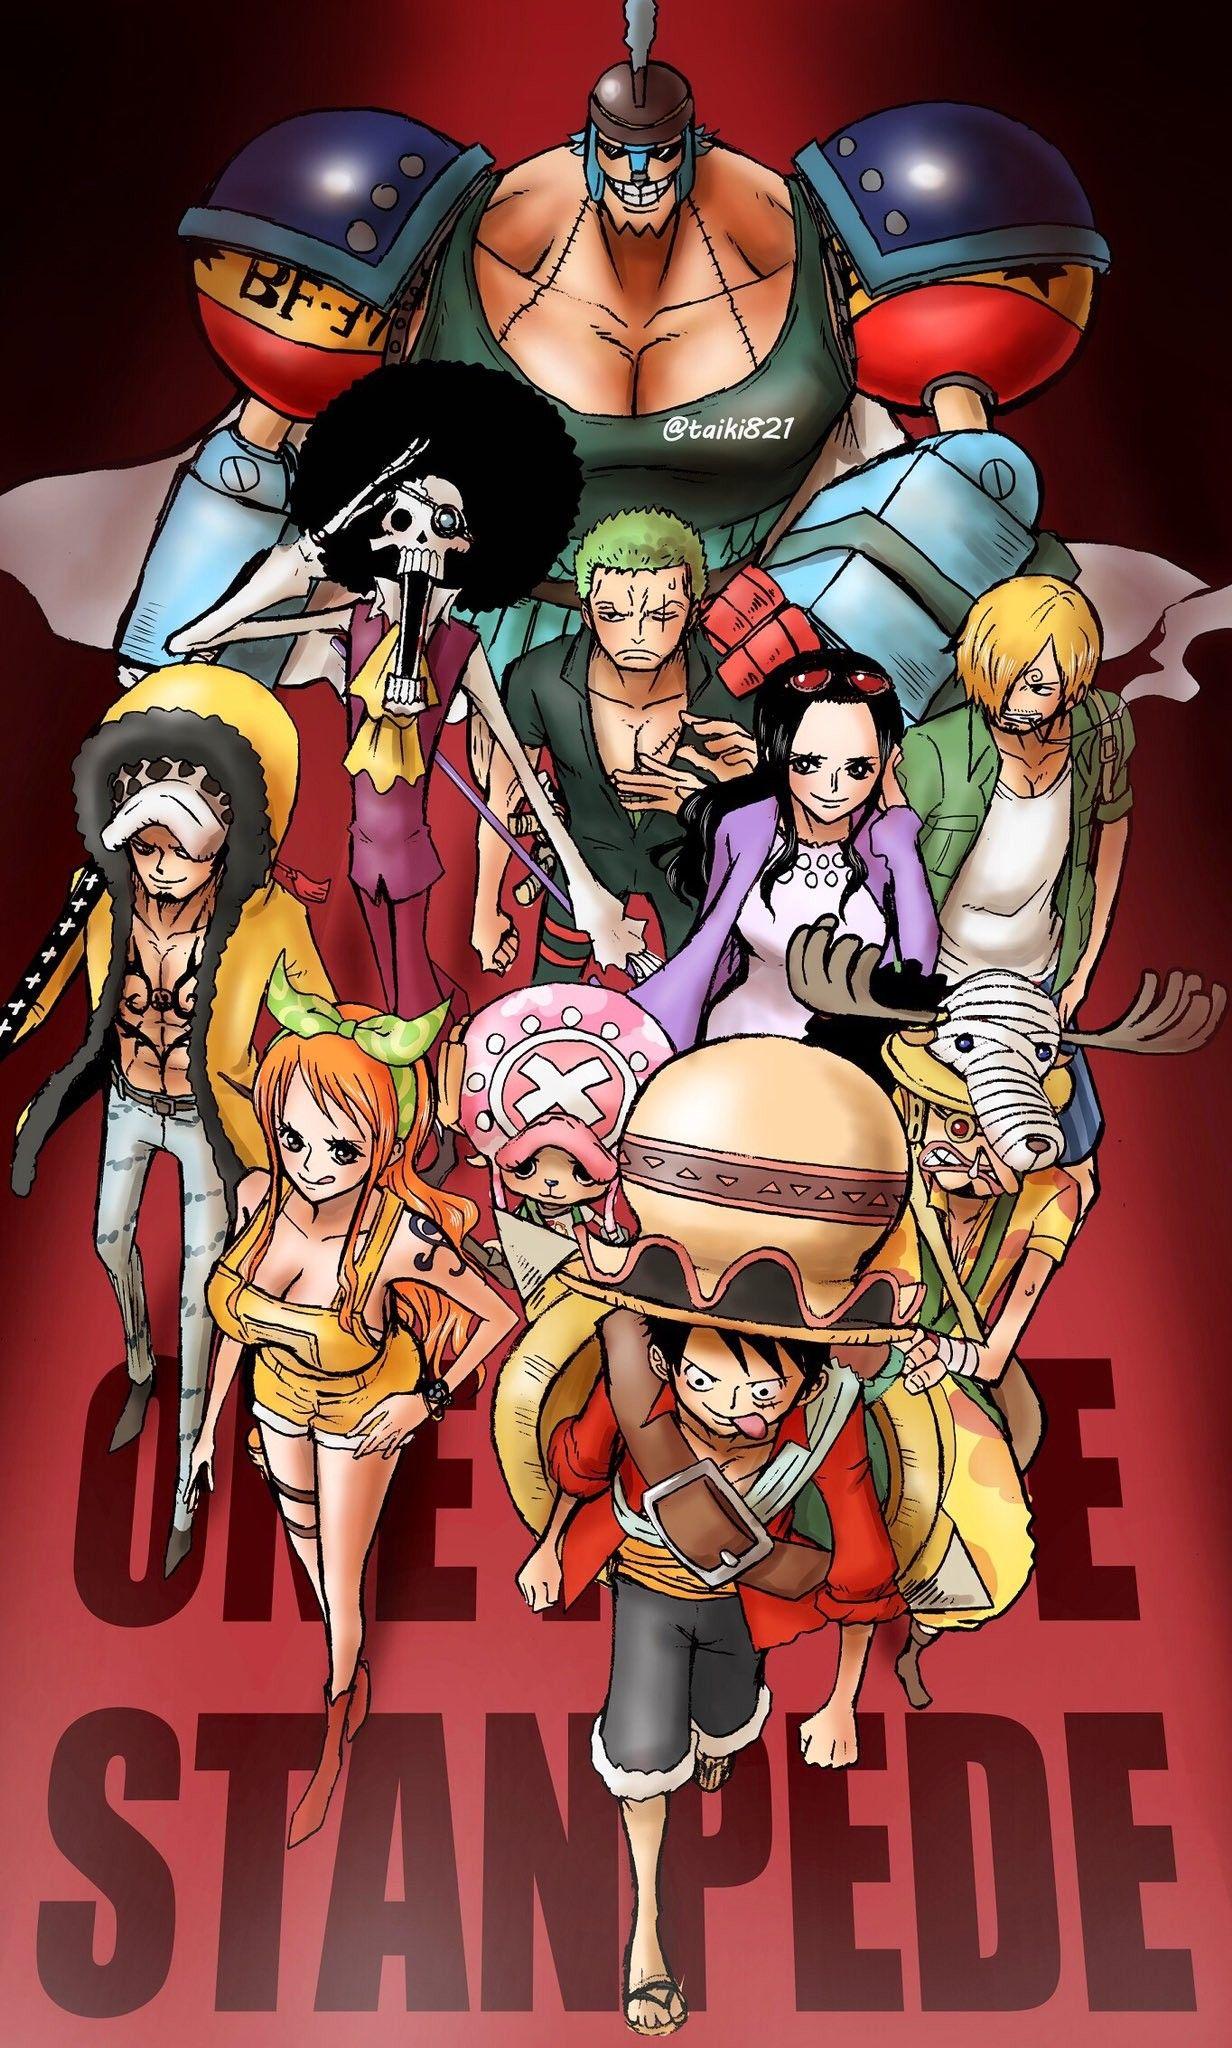 Épinglé par Alixisabelletrackoen sur One Piece Dessin